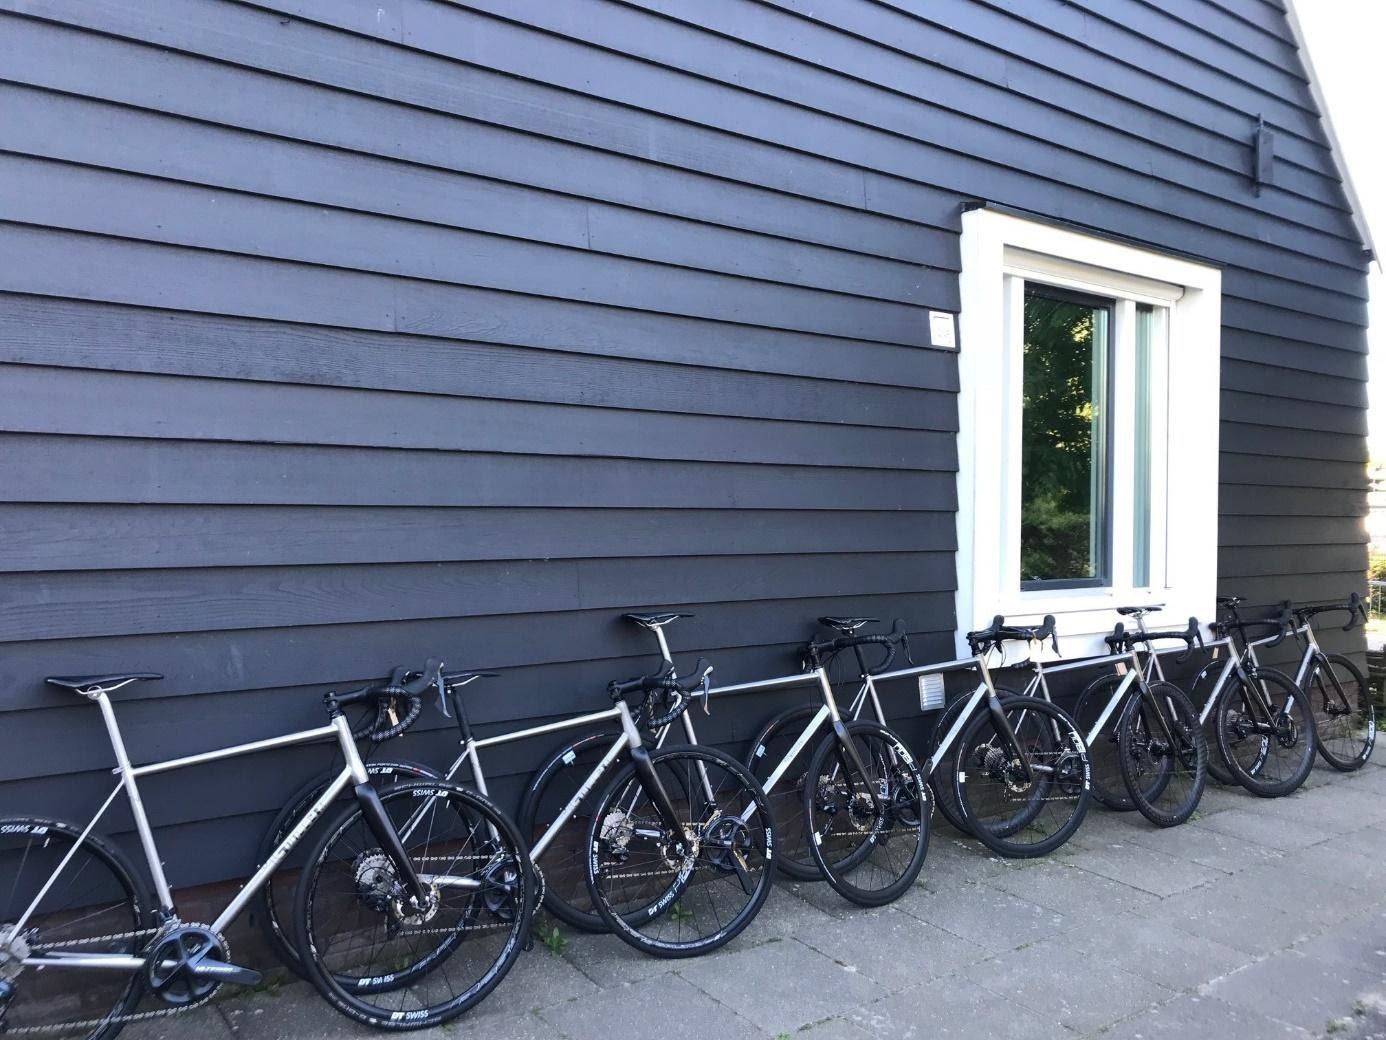 en||8 HW tourcyclo||es||||nl||||ca||||